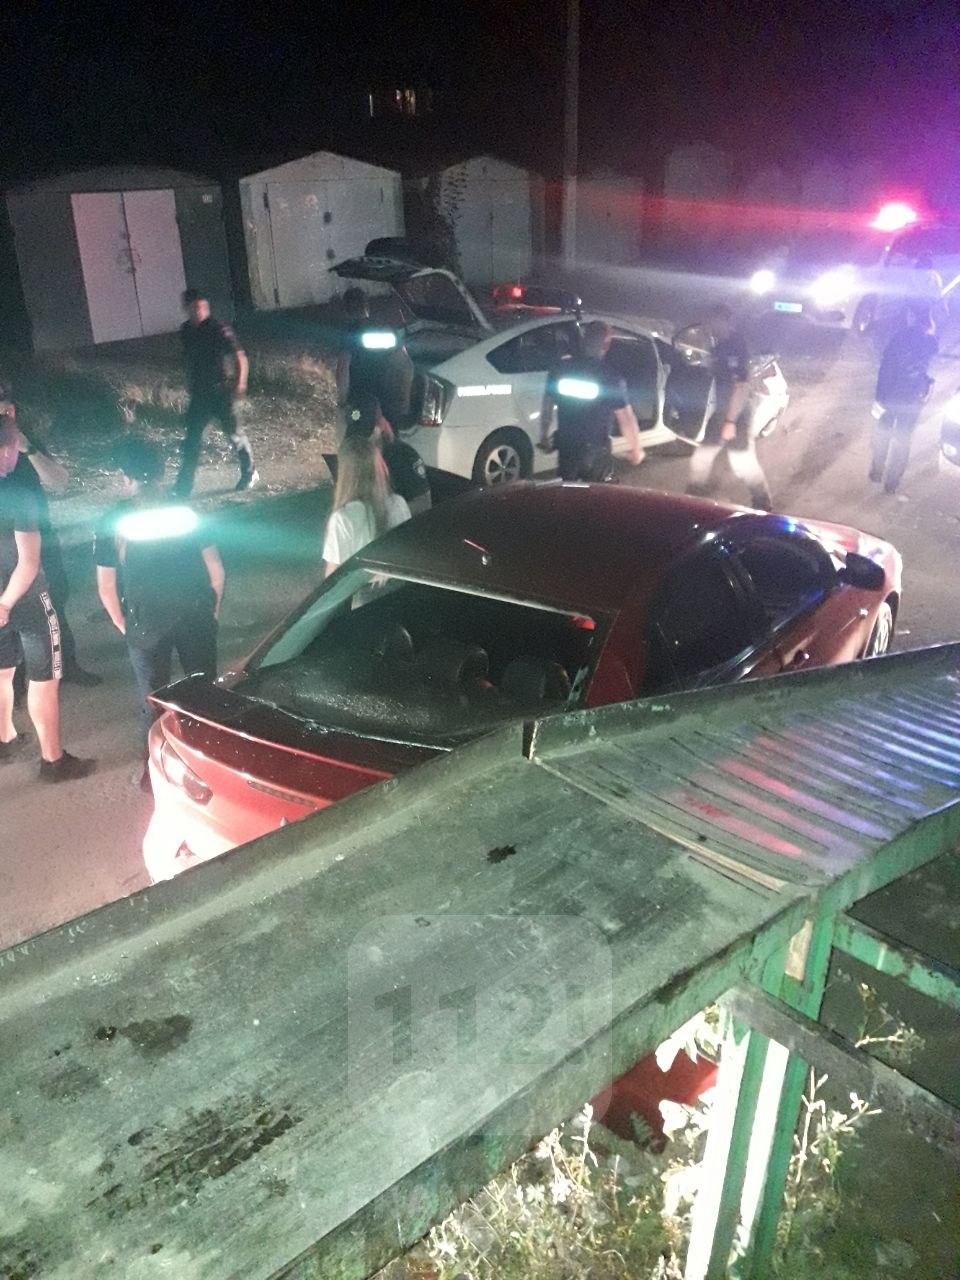 Вночі поліція влаштувала погоню за п'яним водієм: двоє правоохоронців травмовані (ФОТО)